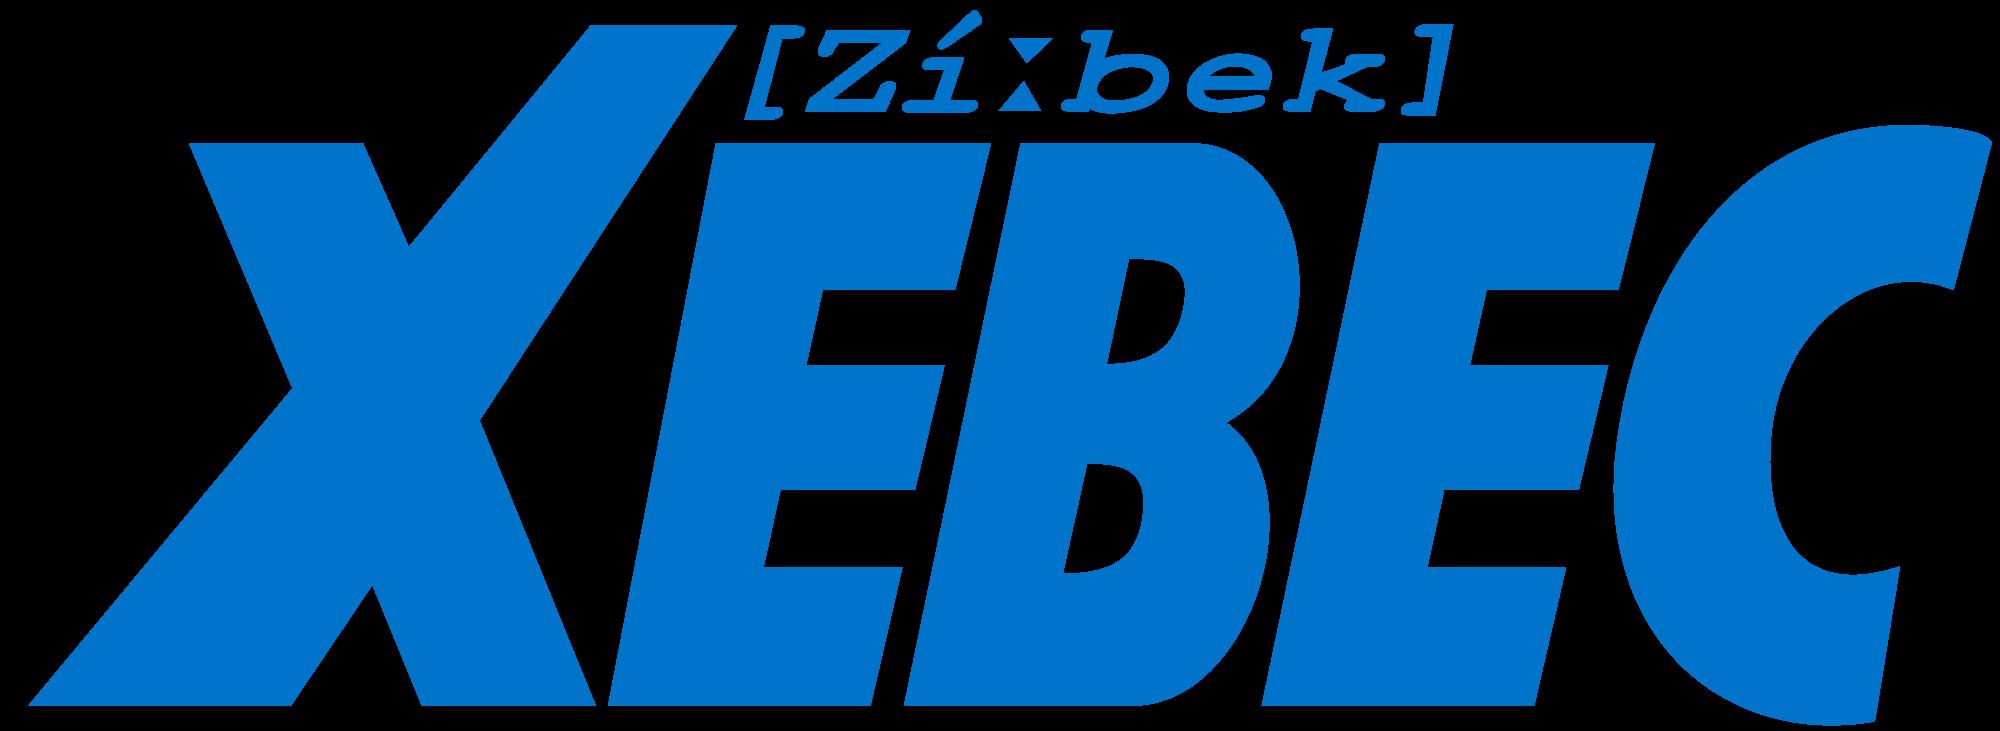 Аниме студии Xebec